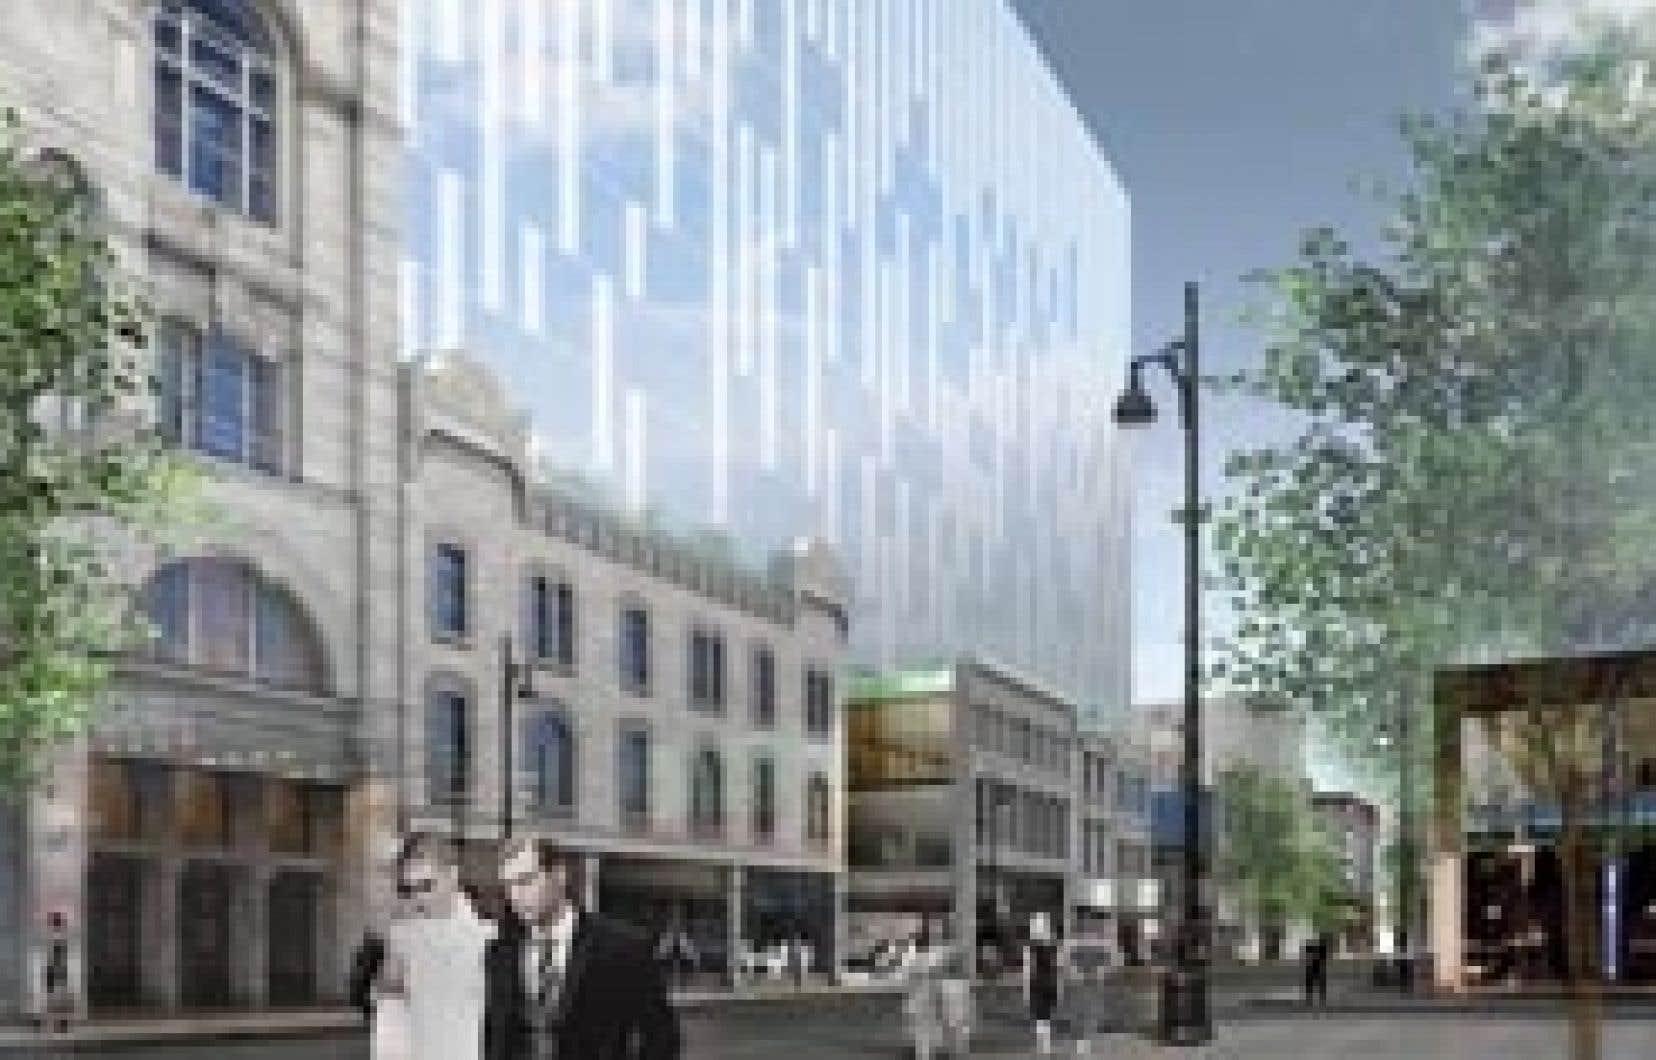 La proposition architecturale vise la reconstruction de toutes les façades du boulevard, l'installation de commerces à vocation «responsable», l'ajout d'un passage liant Saint-Laurent et la rue Clark et la construction d'un gratte-ciel de ver